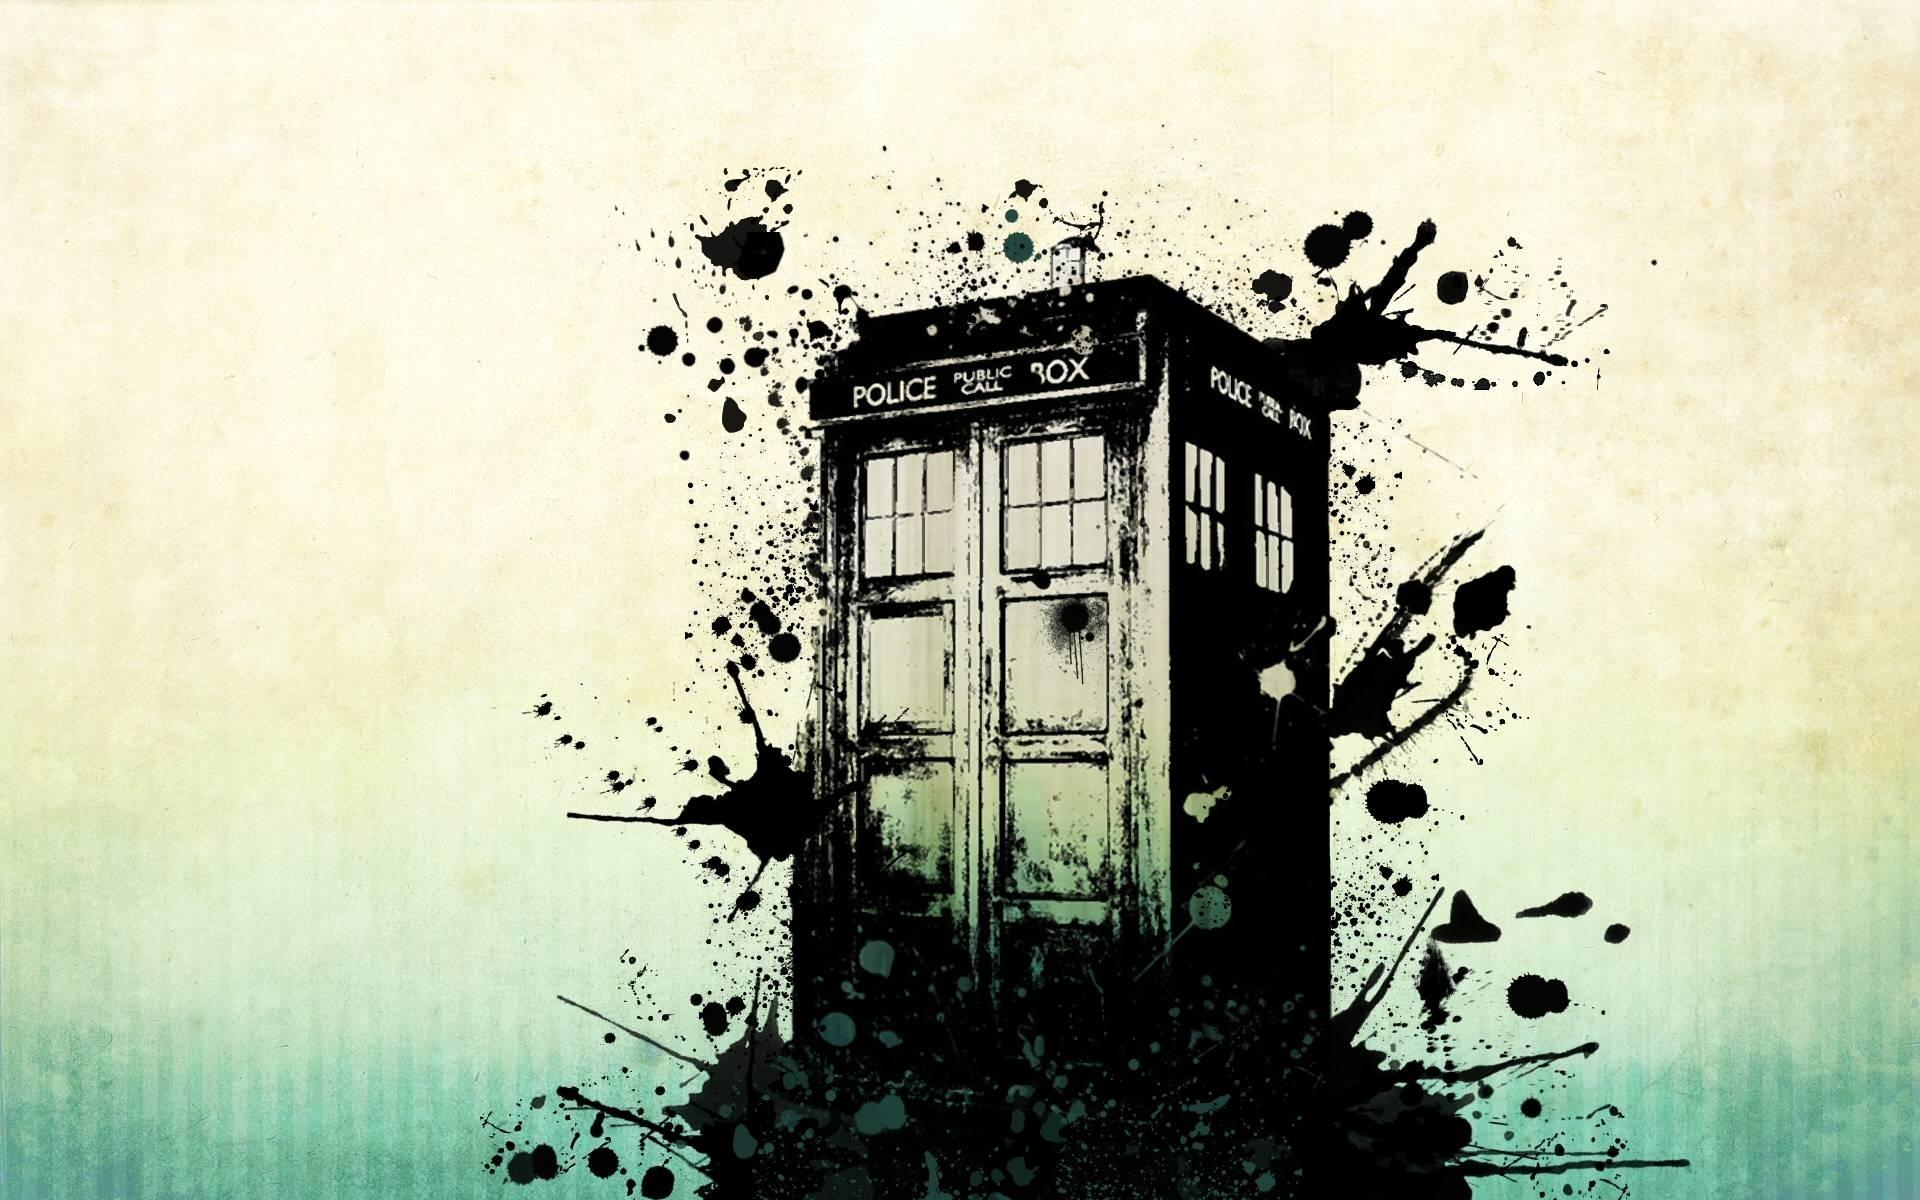 doctor who desktop wallpapers - wallpaper cave